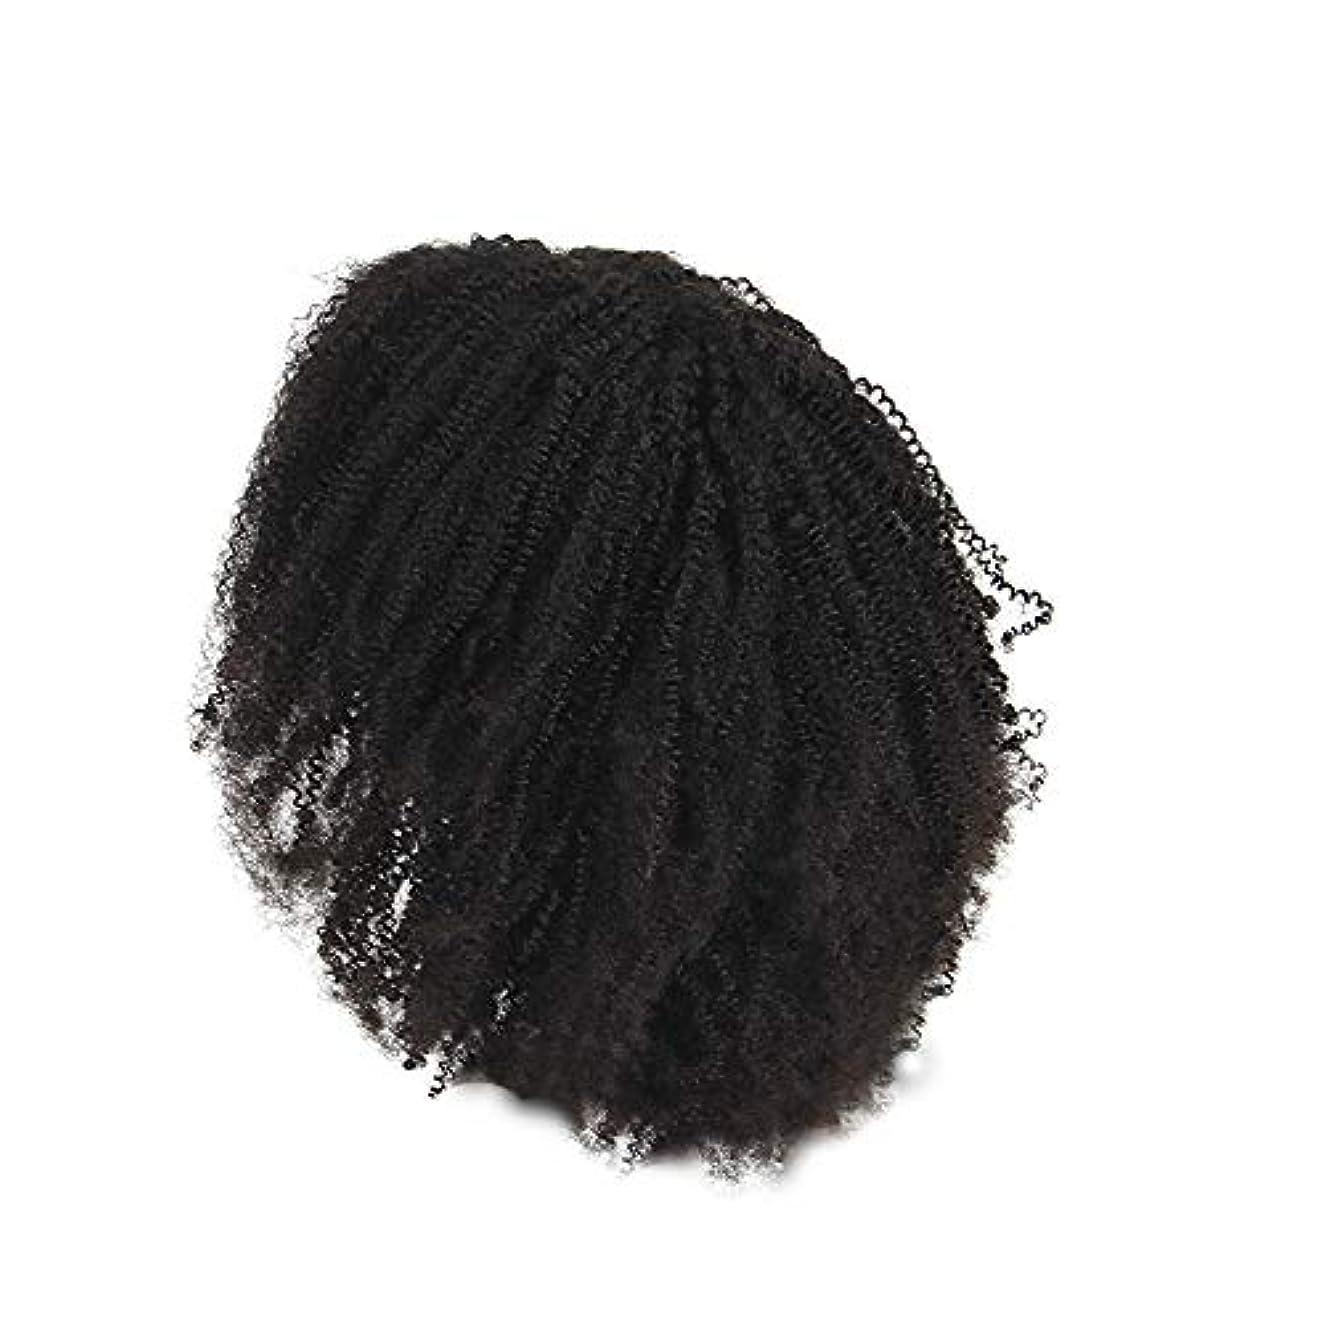 桃圧縮されたフルーティーかつらレース化学繊維爆発ヘッド小体積短い髪かつらの前に